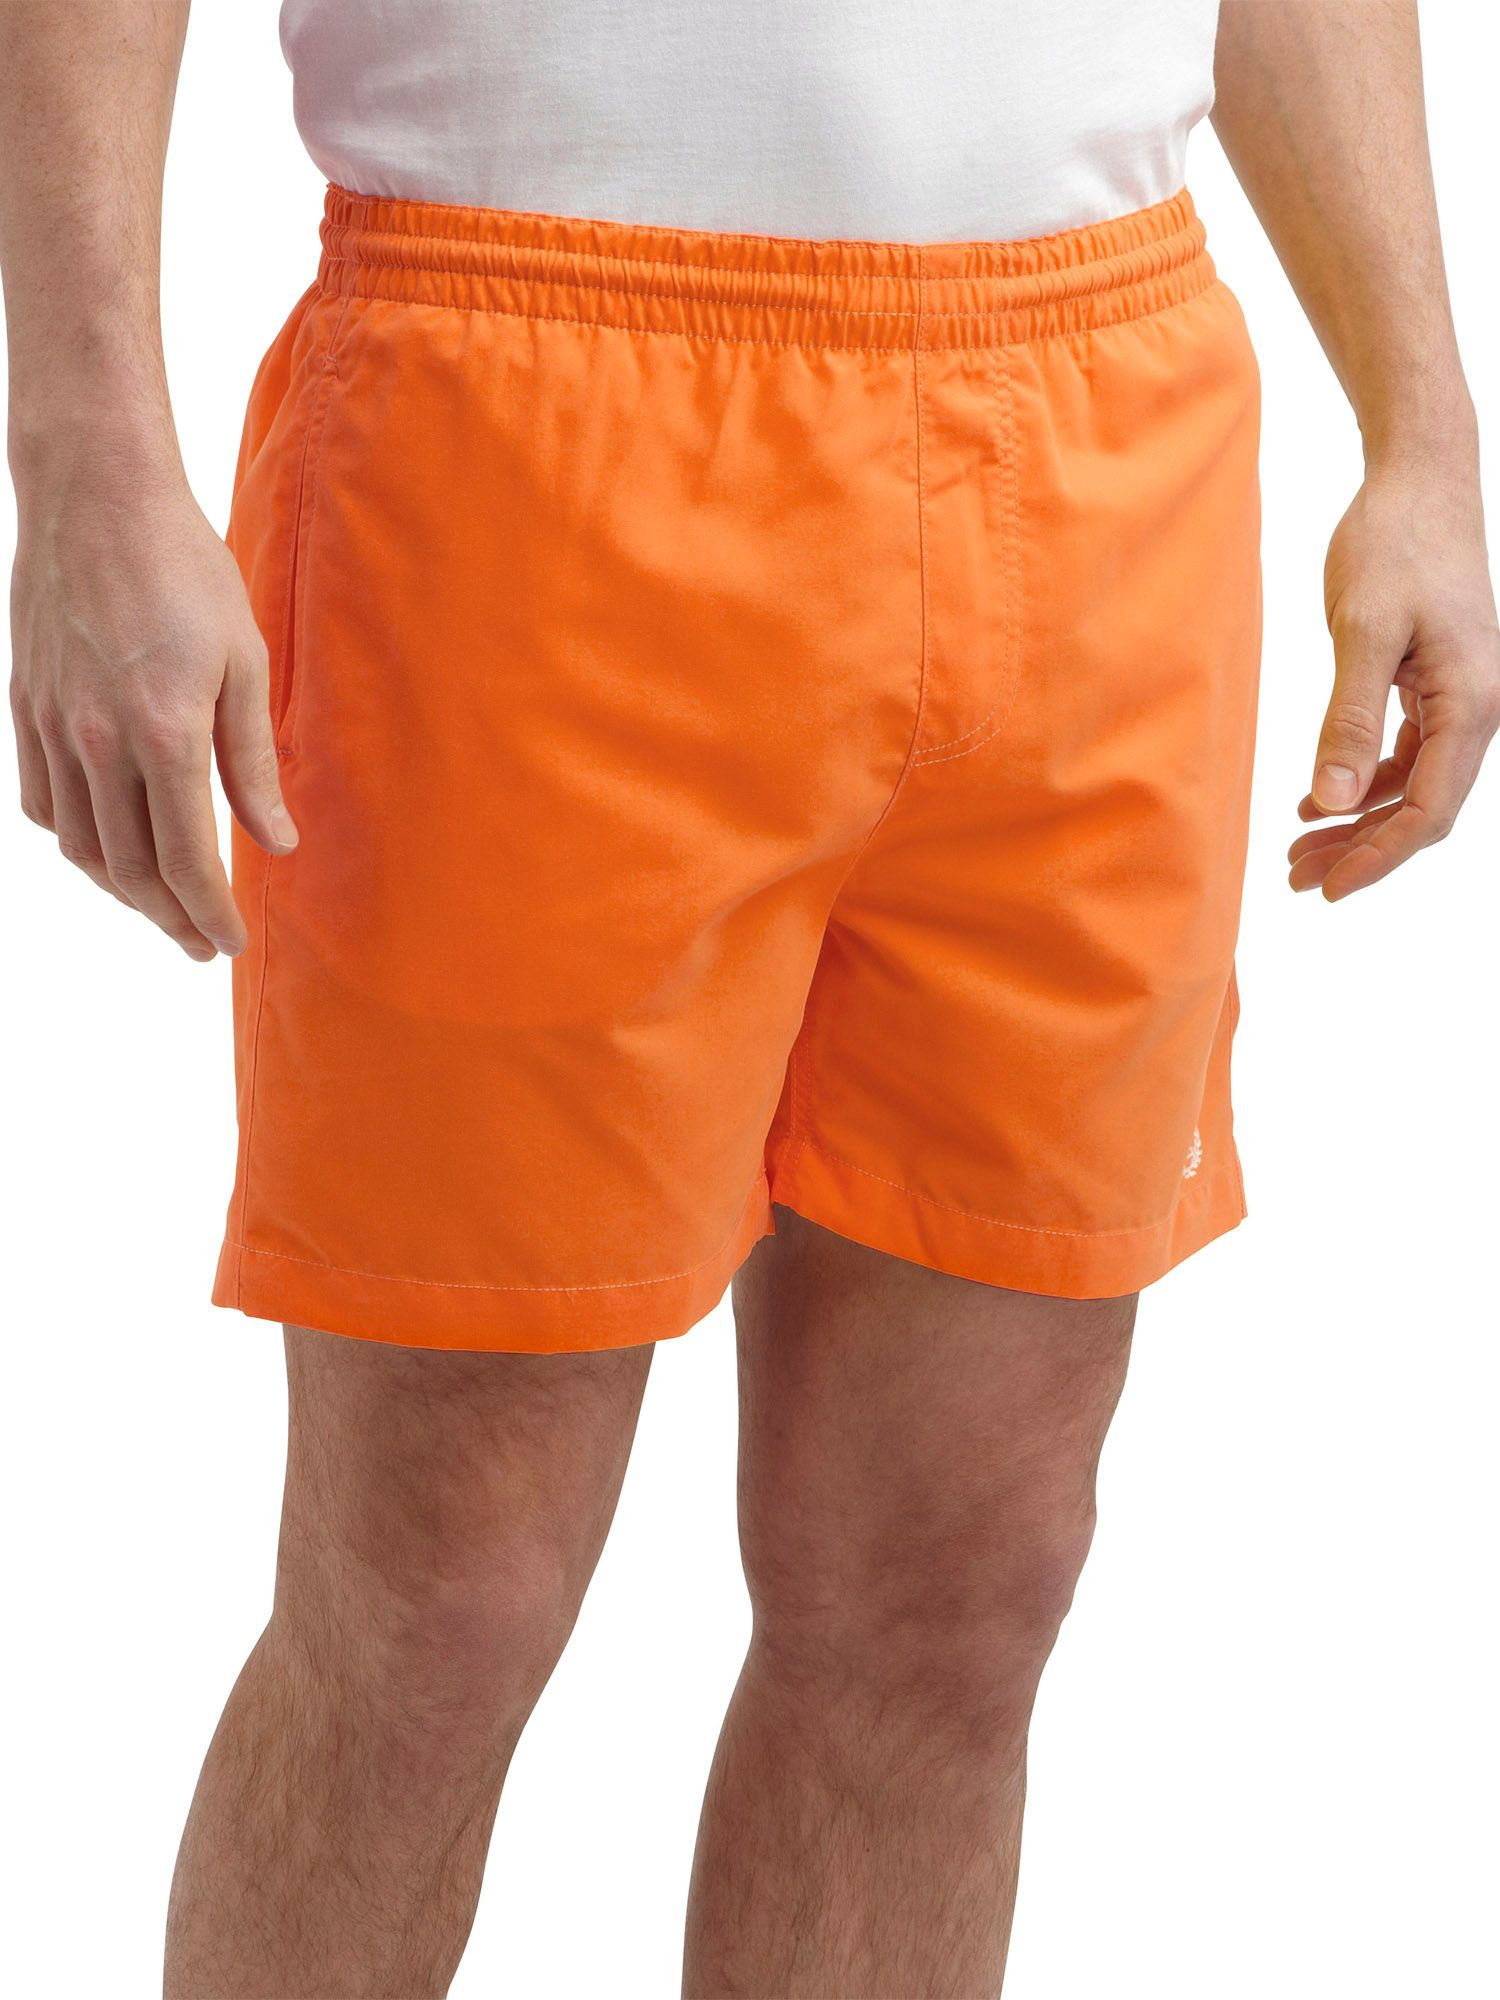 c95b3127a3f47 Henri Lloyd Brixham Swim Shorts in Orange for Men - Lyst